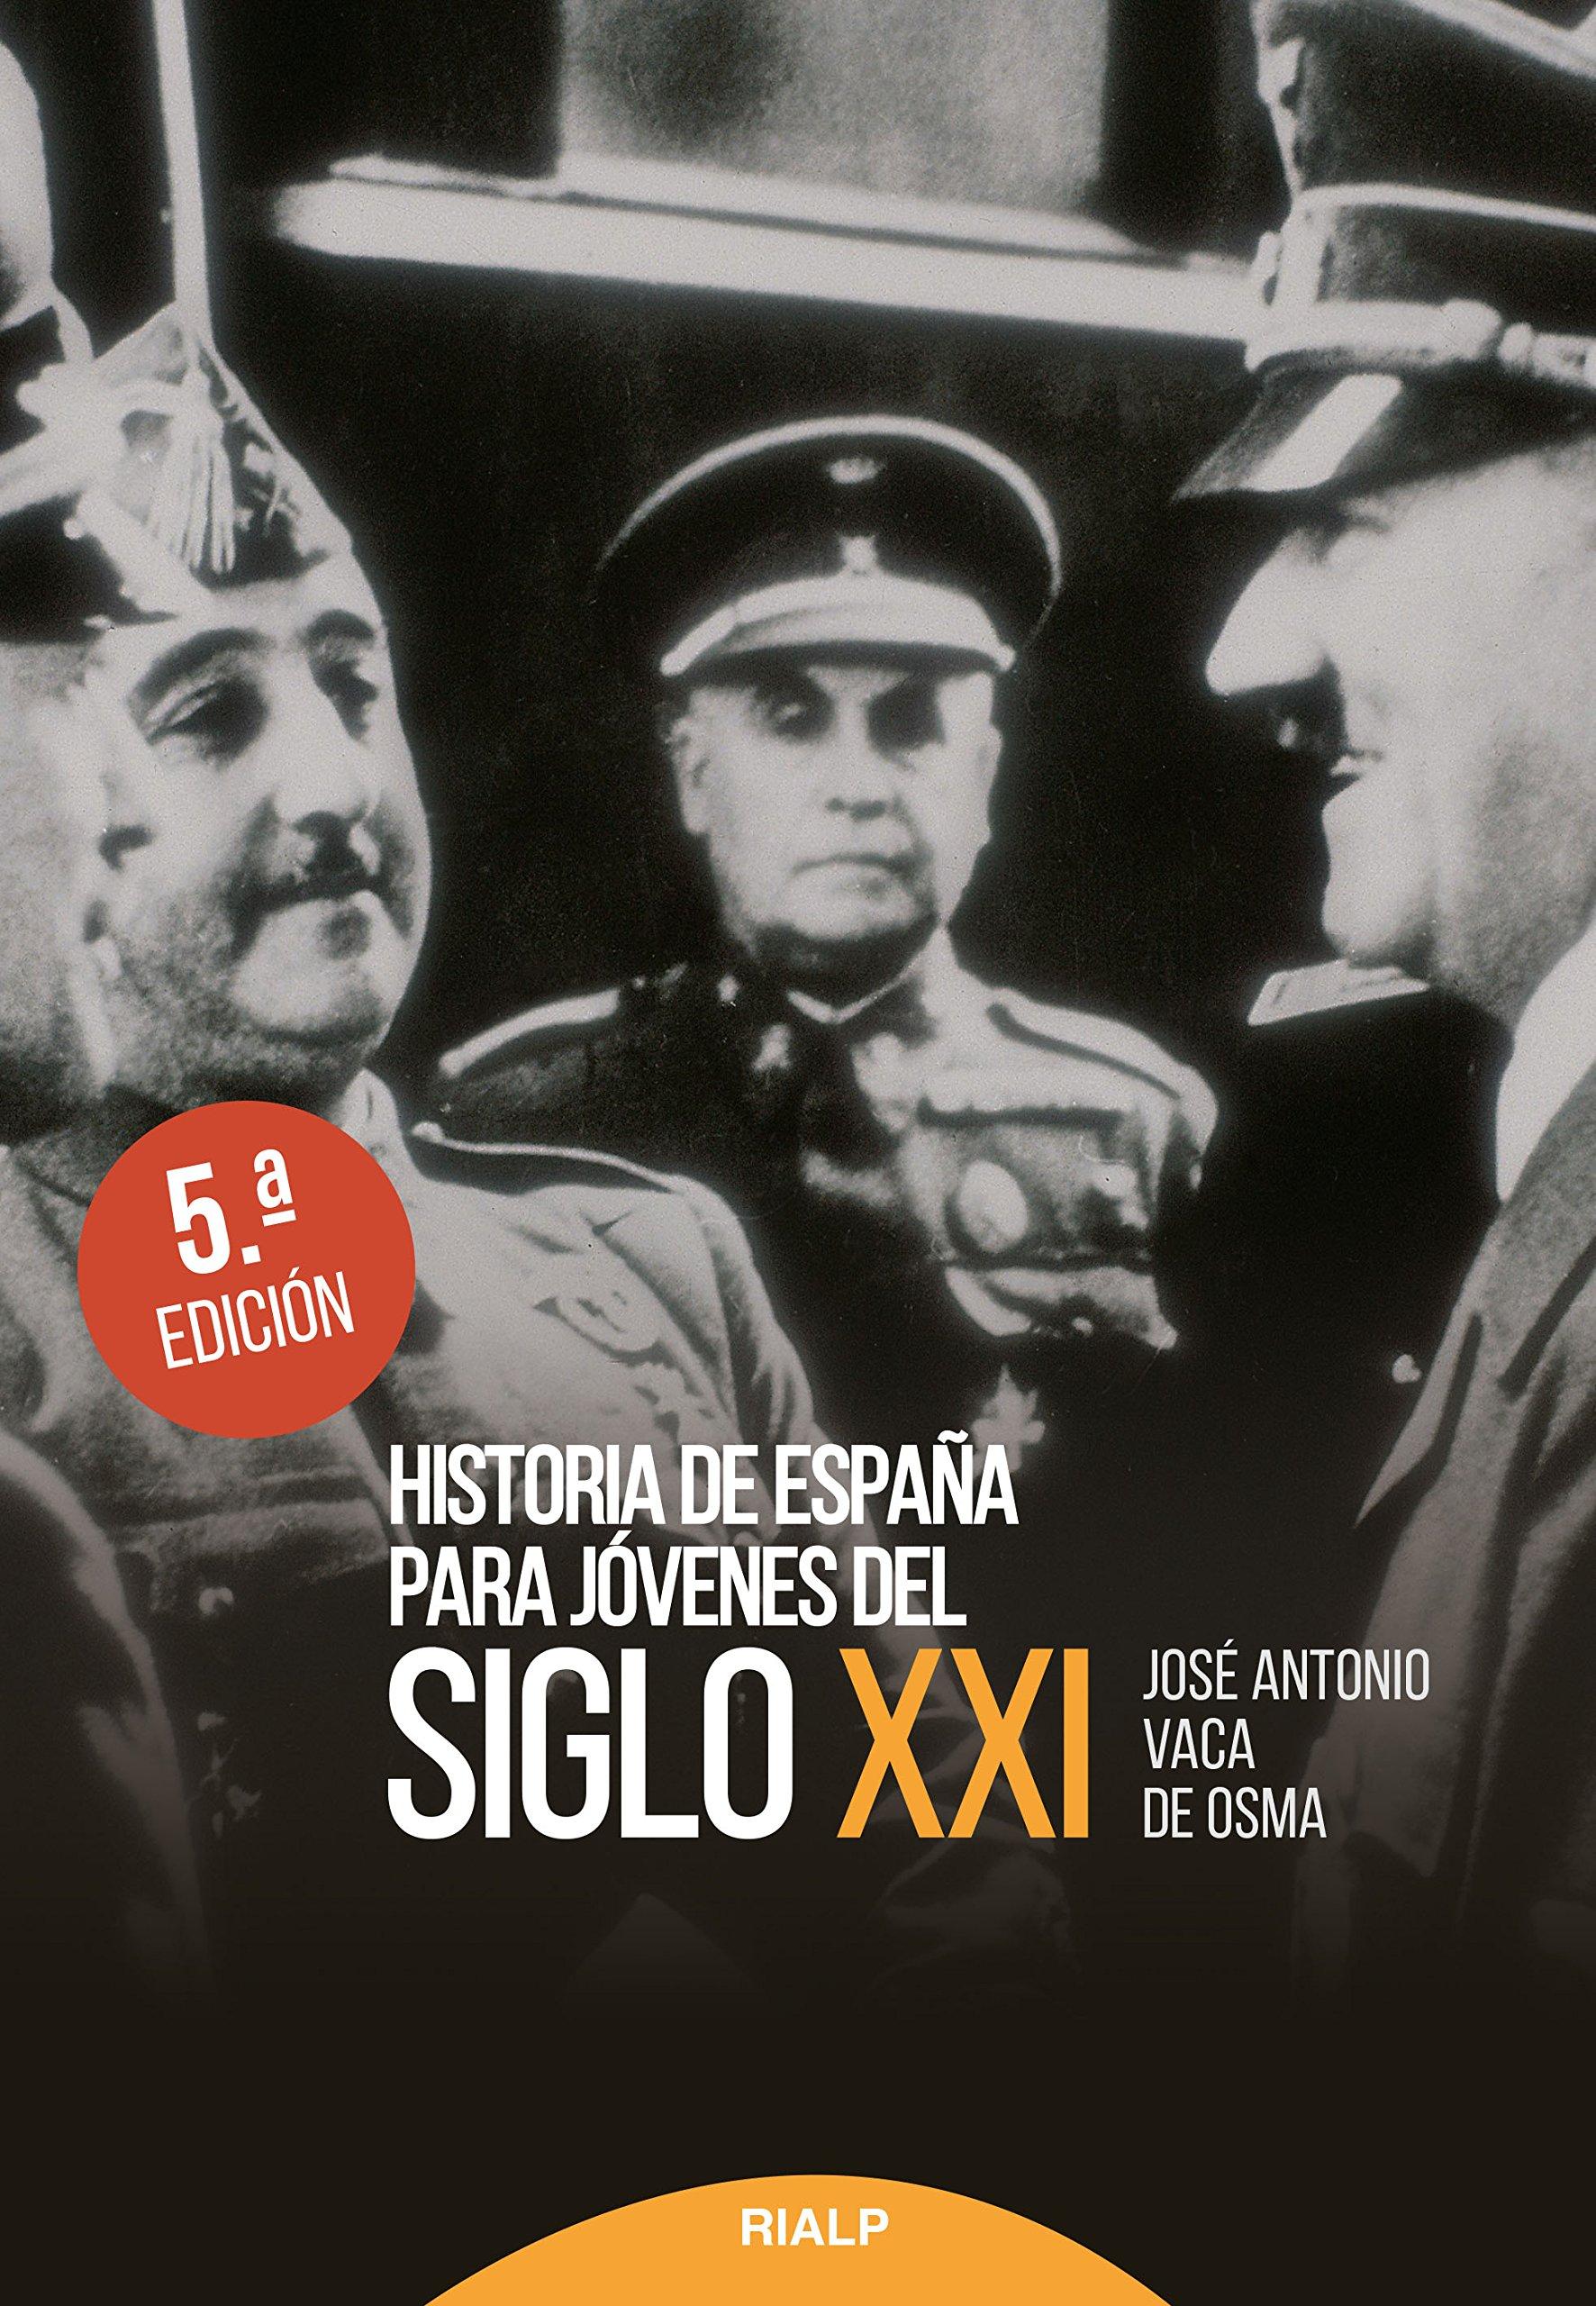 Historia de España para Jóvenes del siglo XXI Historia y Biografías: Amazon.es: Vaca de Osma, José Antonio: Libros